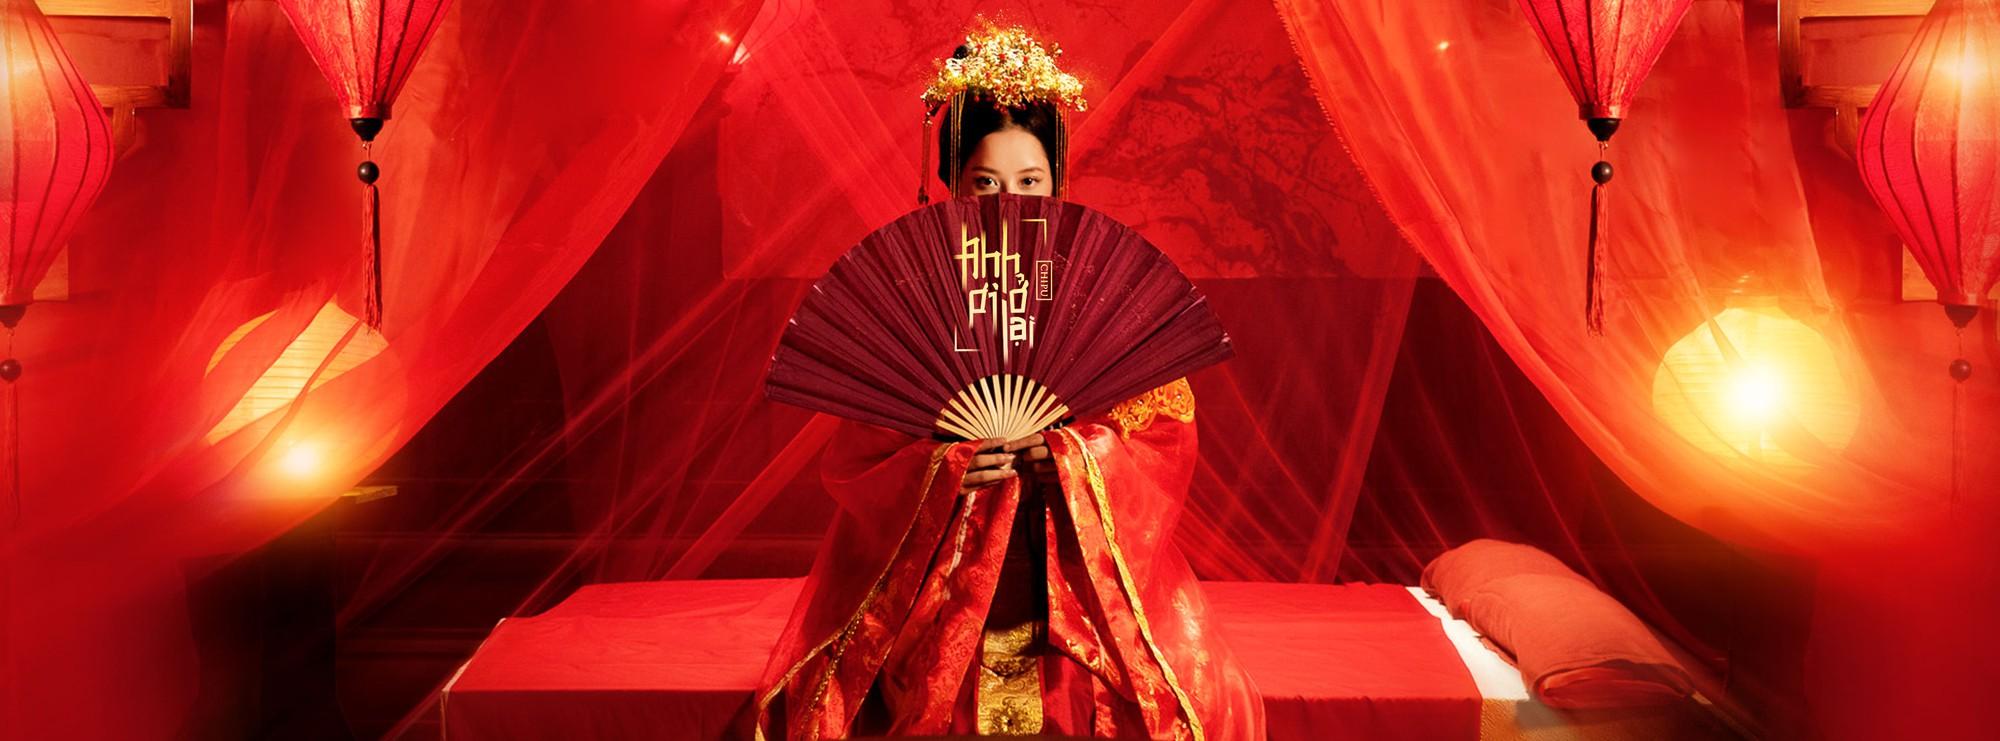 Ra MV mới, Chi Pu ghi điểm với những thay đổi tích cực và 3 điều lần đầu tiên khán giả được chứng kiến - Ảnh 6.